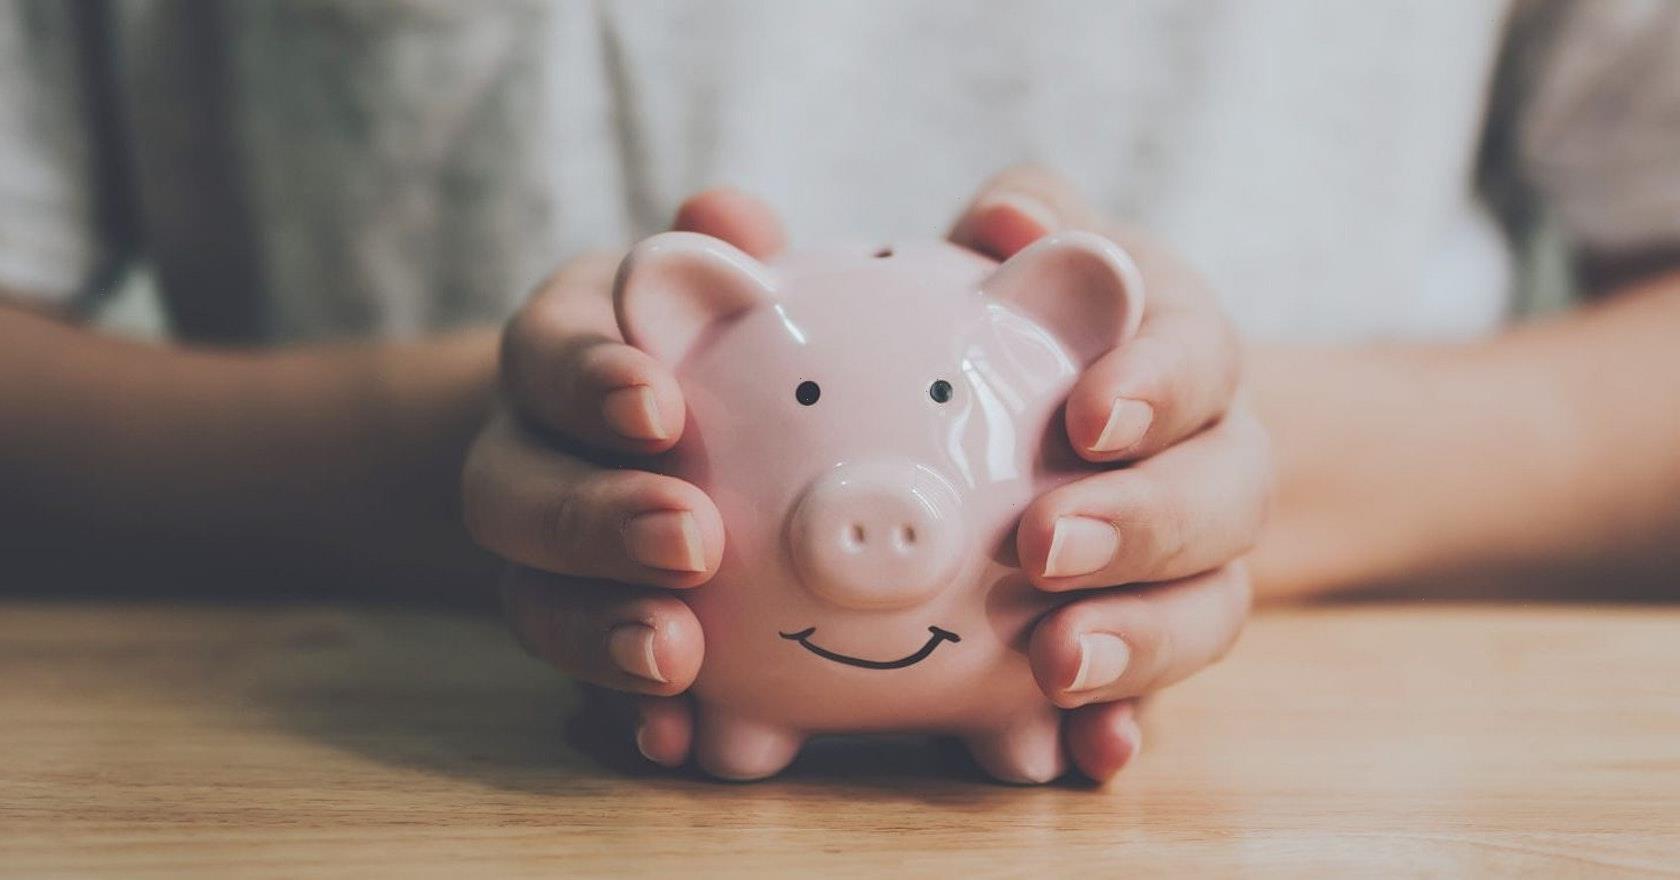 How secret spending and hidden debts affected three women's relationships